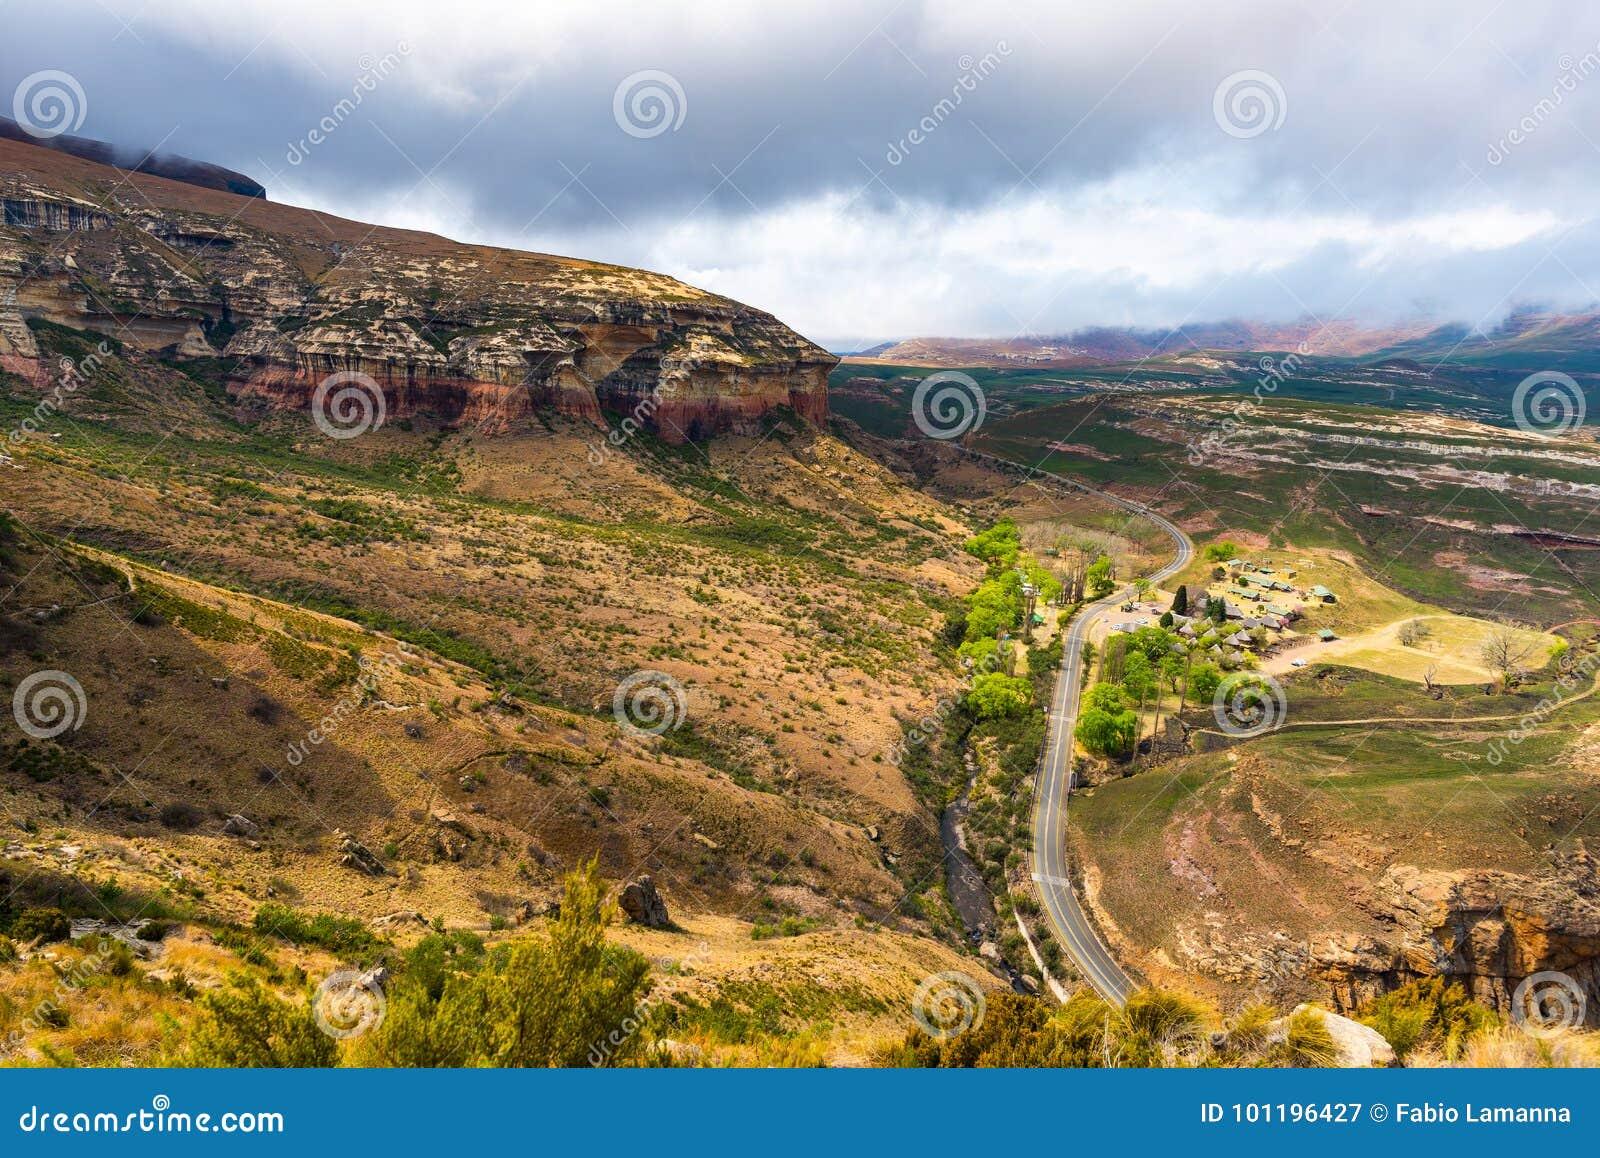 Κοιλάδες, φαράγγια και δύσκολοι απότομοι βράχοι στο μεγαλοπρεπές χρυσό εθνικό πάρκο Χάιλαντς πυλών, δραματικό τοπίο, προορισμός τ